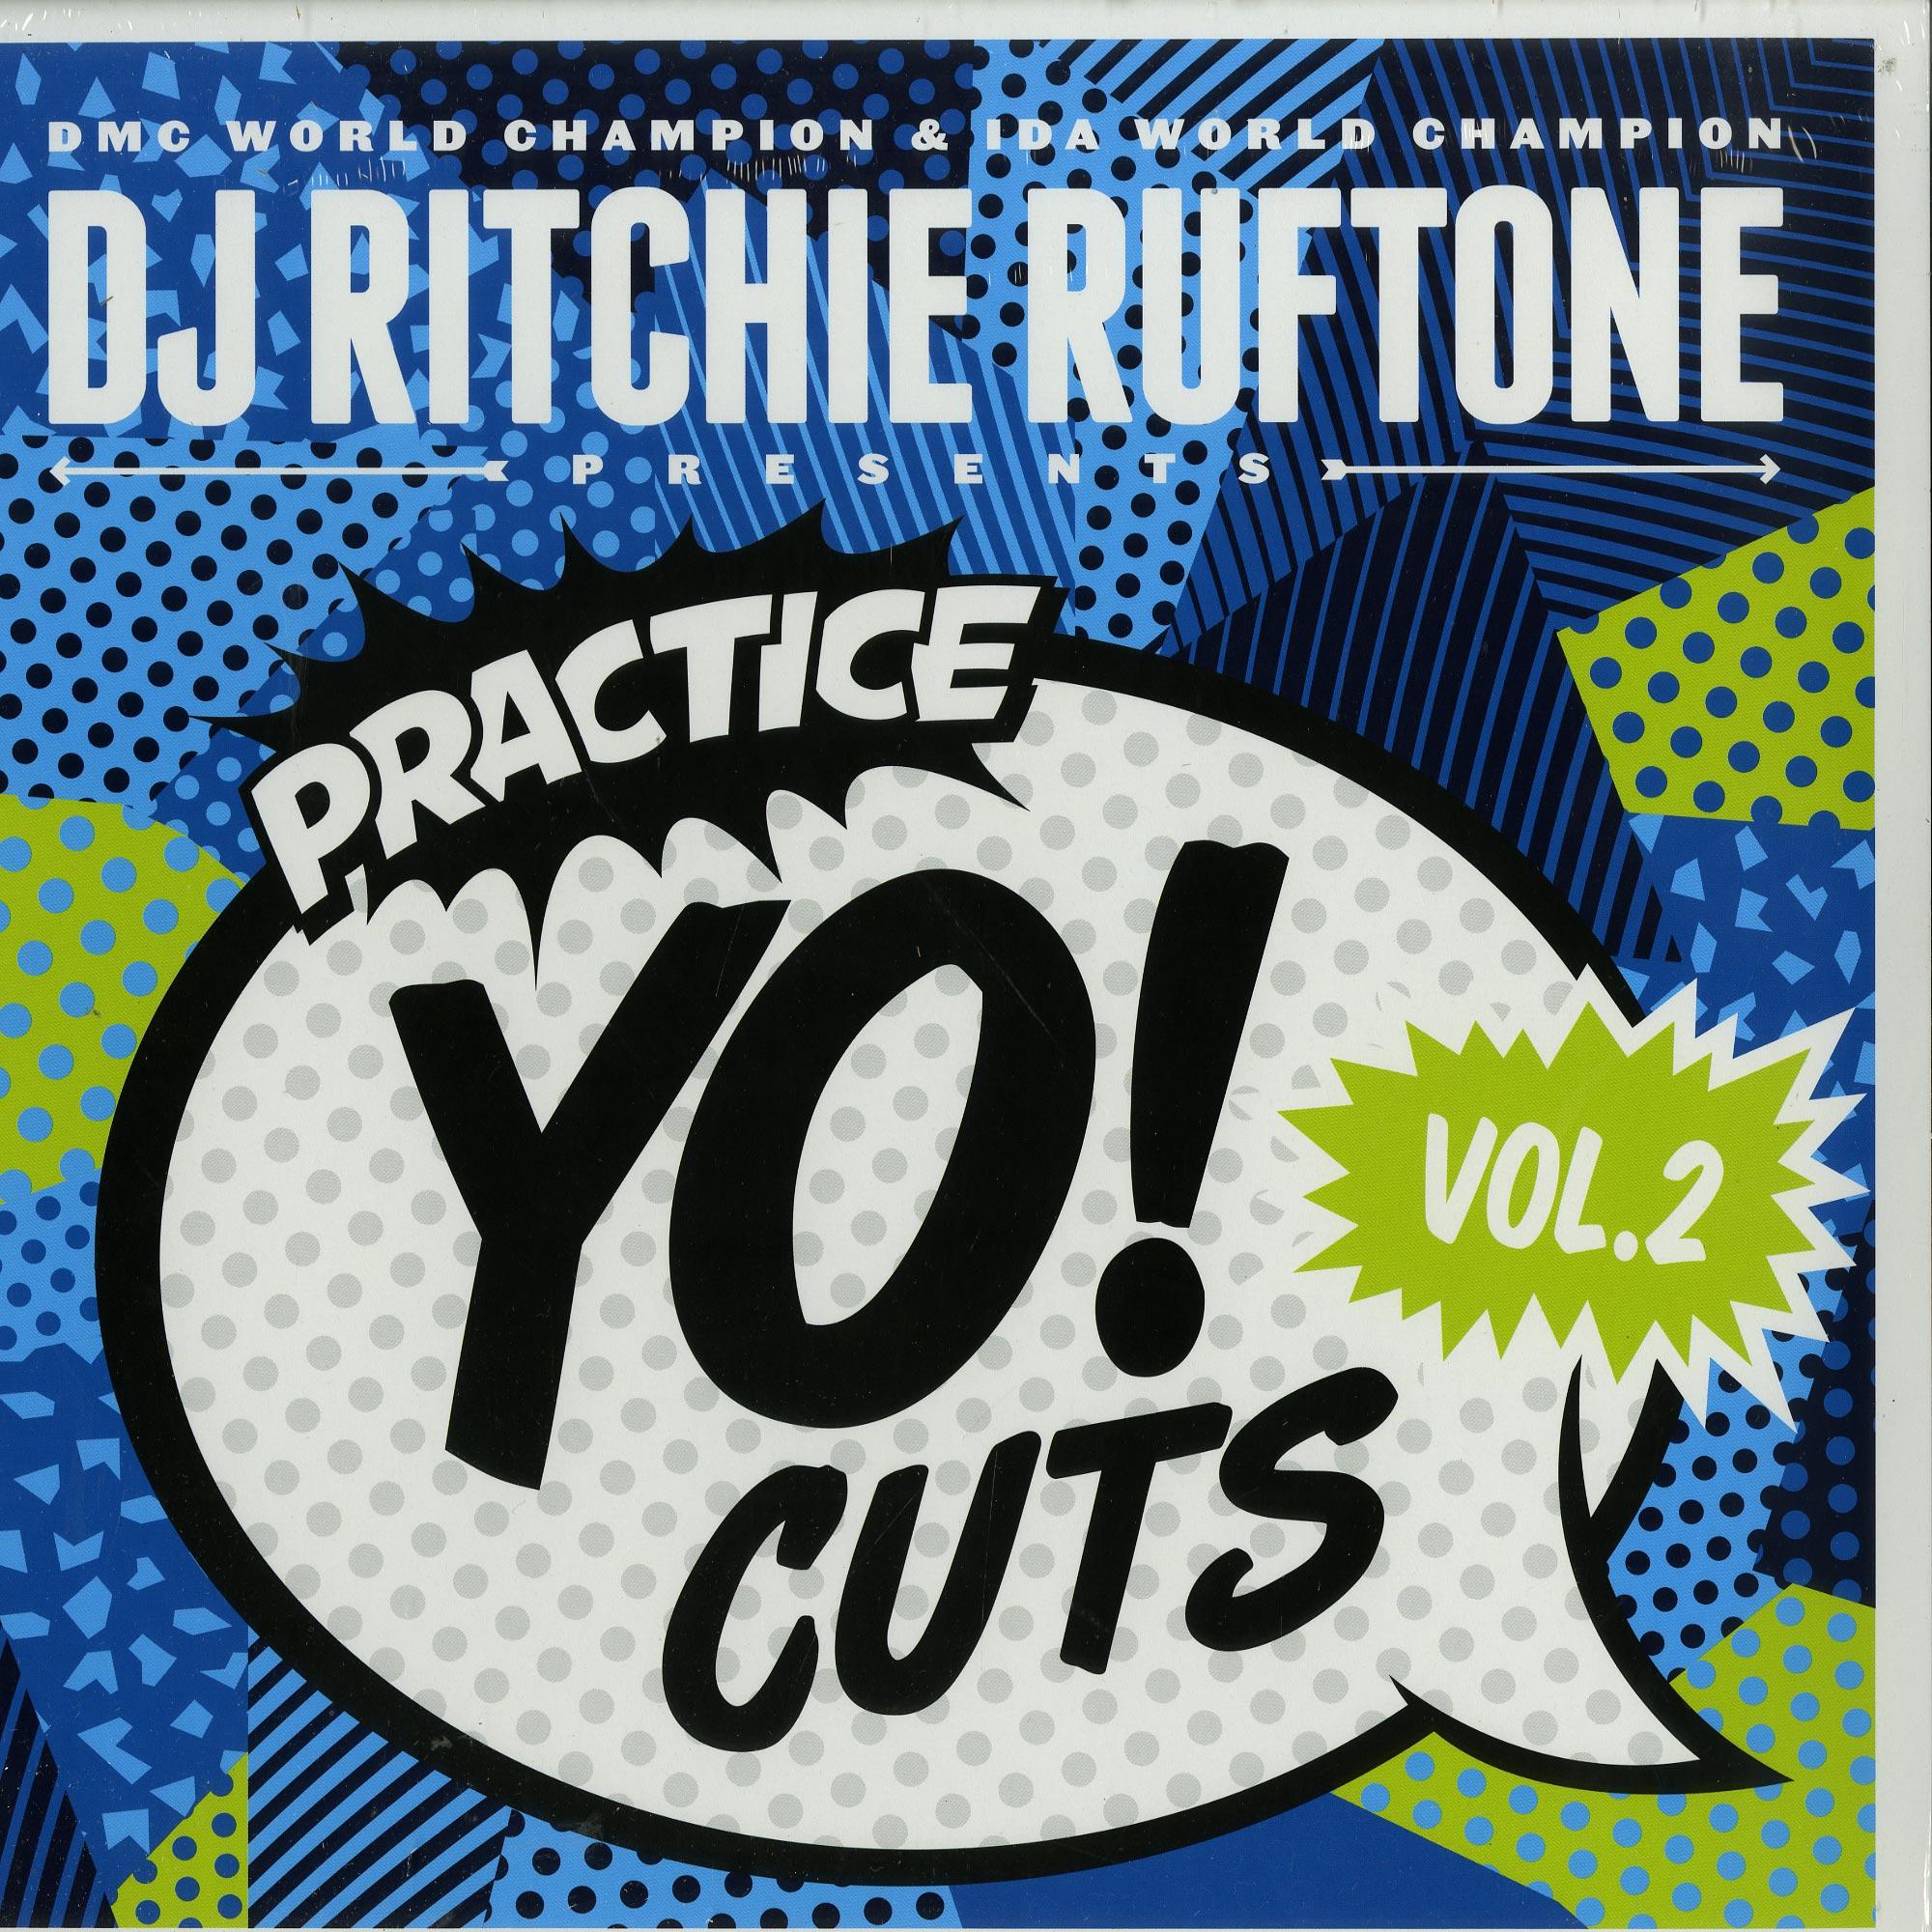 DJ Ritchie Ruftone - PRACTICE YO CUTS VOL. 2